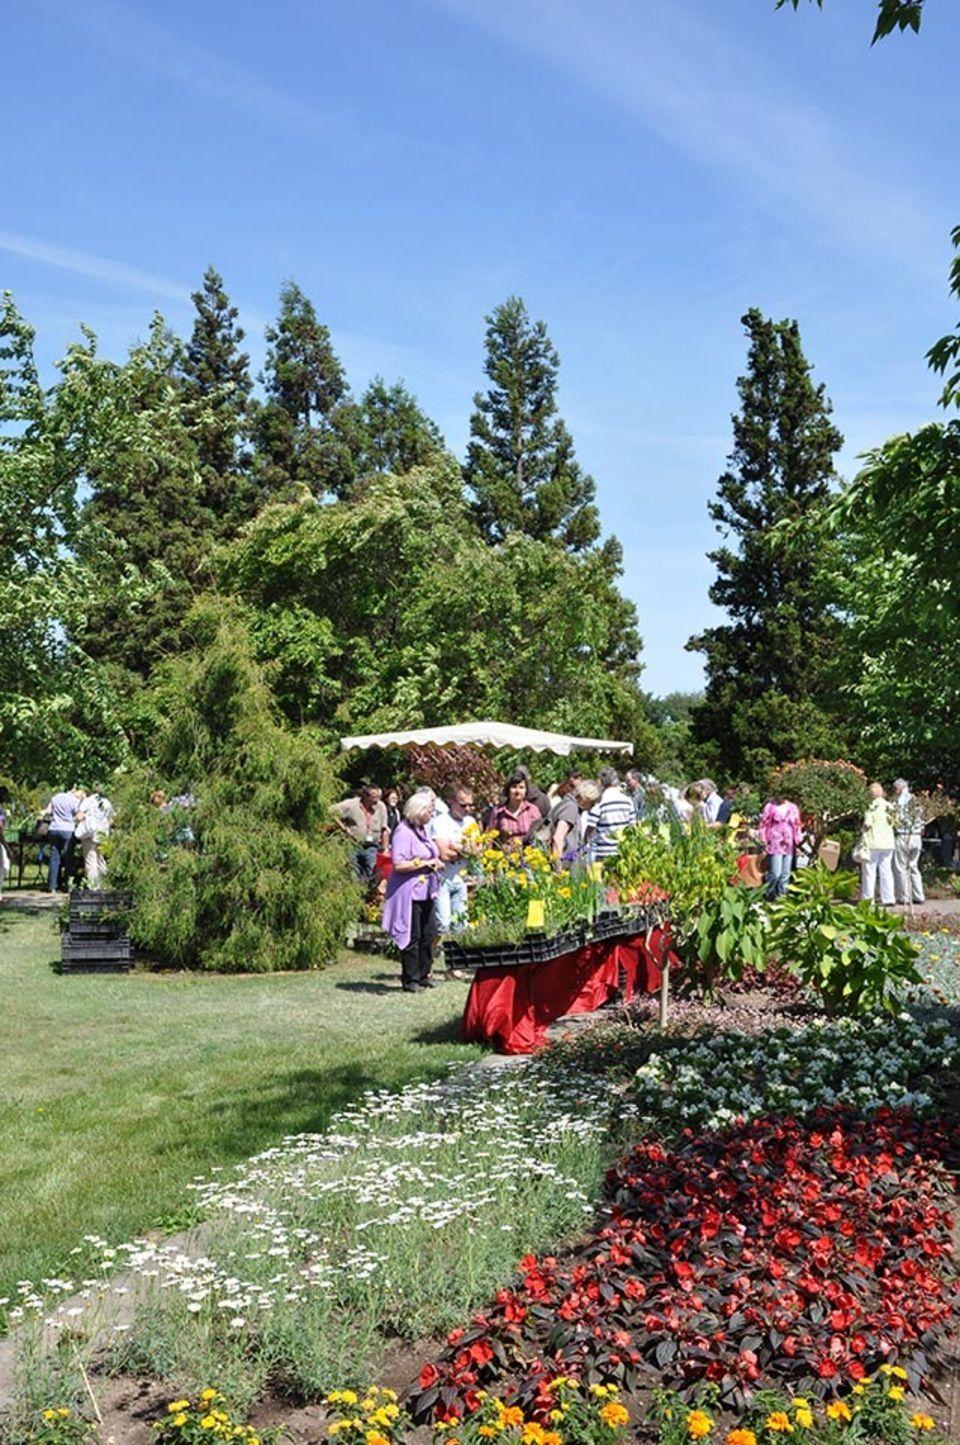 Botanischer Garten Marburg Pflanzenmarkt Des Jahres Von Pflanzenmarkt Marburg Im Mai Pflanzenmarkte In Hessen In Bezug Auf Botanischer Garten Garten Pflanzen